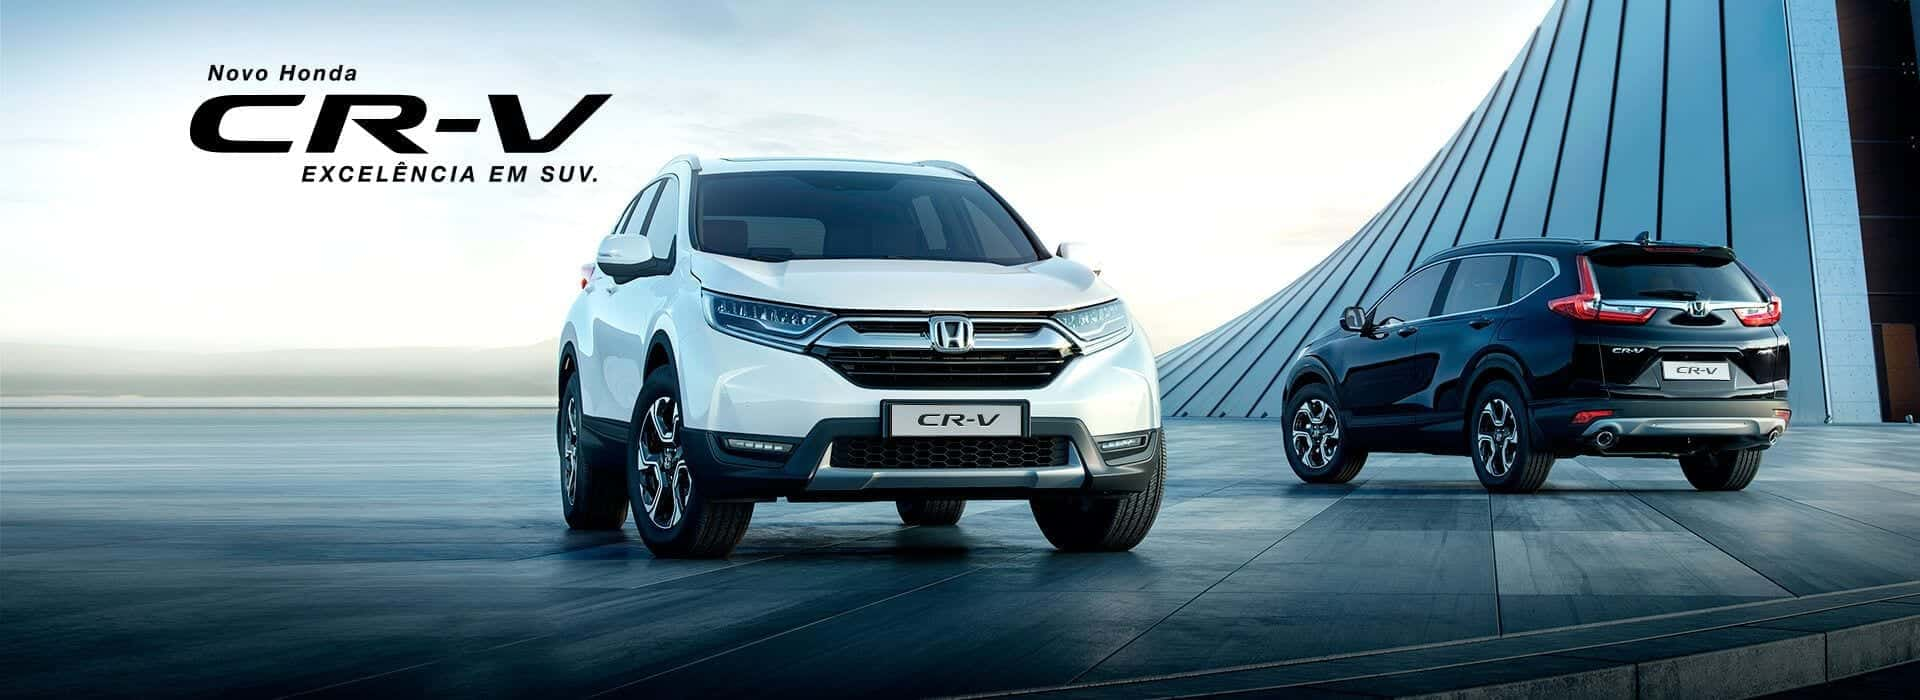 Honda Shori CR-V HAB 2018 CRV SITE FOOTER DESKTOP.jpg